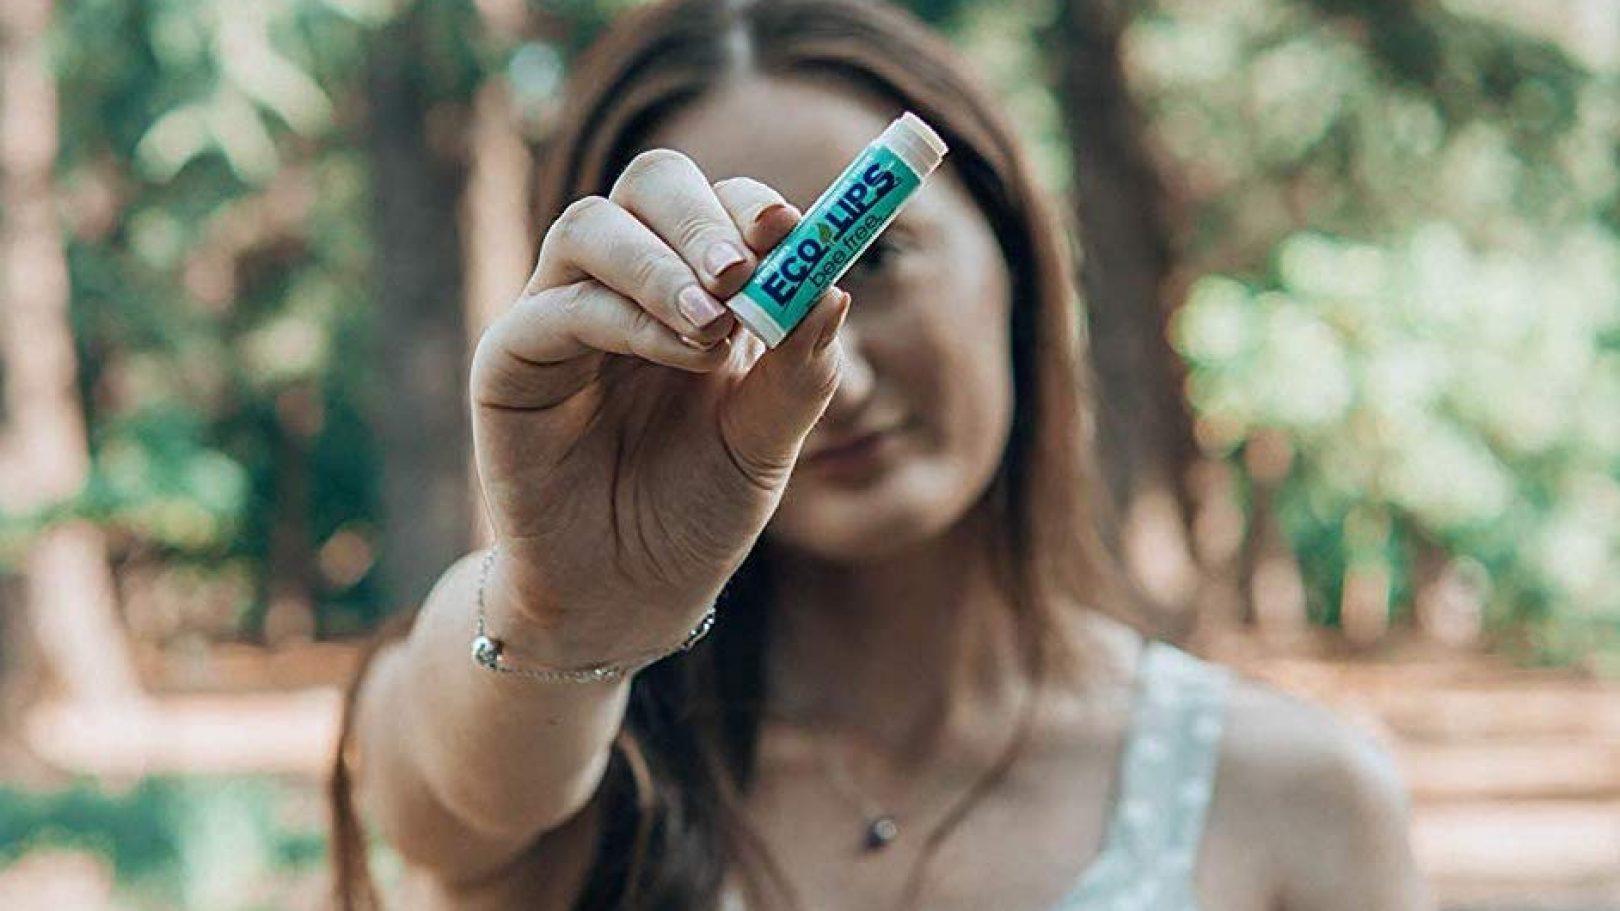 Eco Lips vegan balm - Credit: Amazon